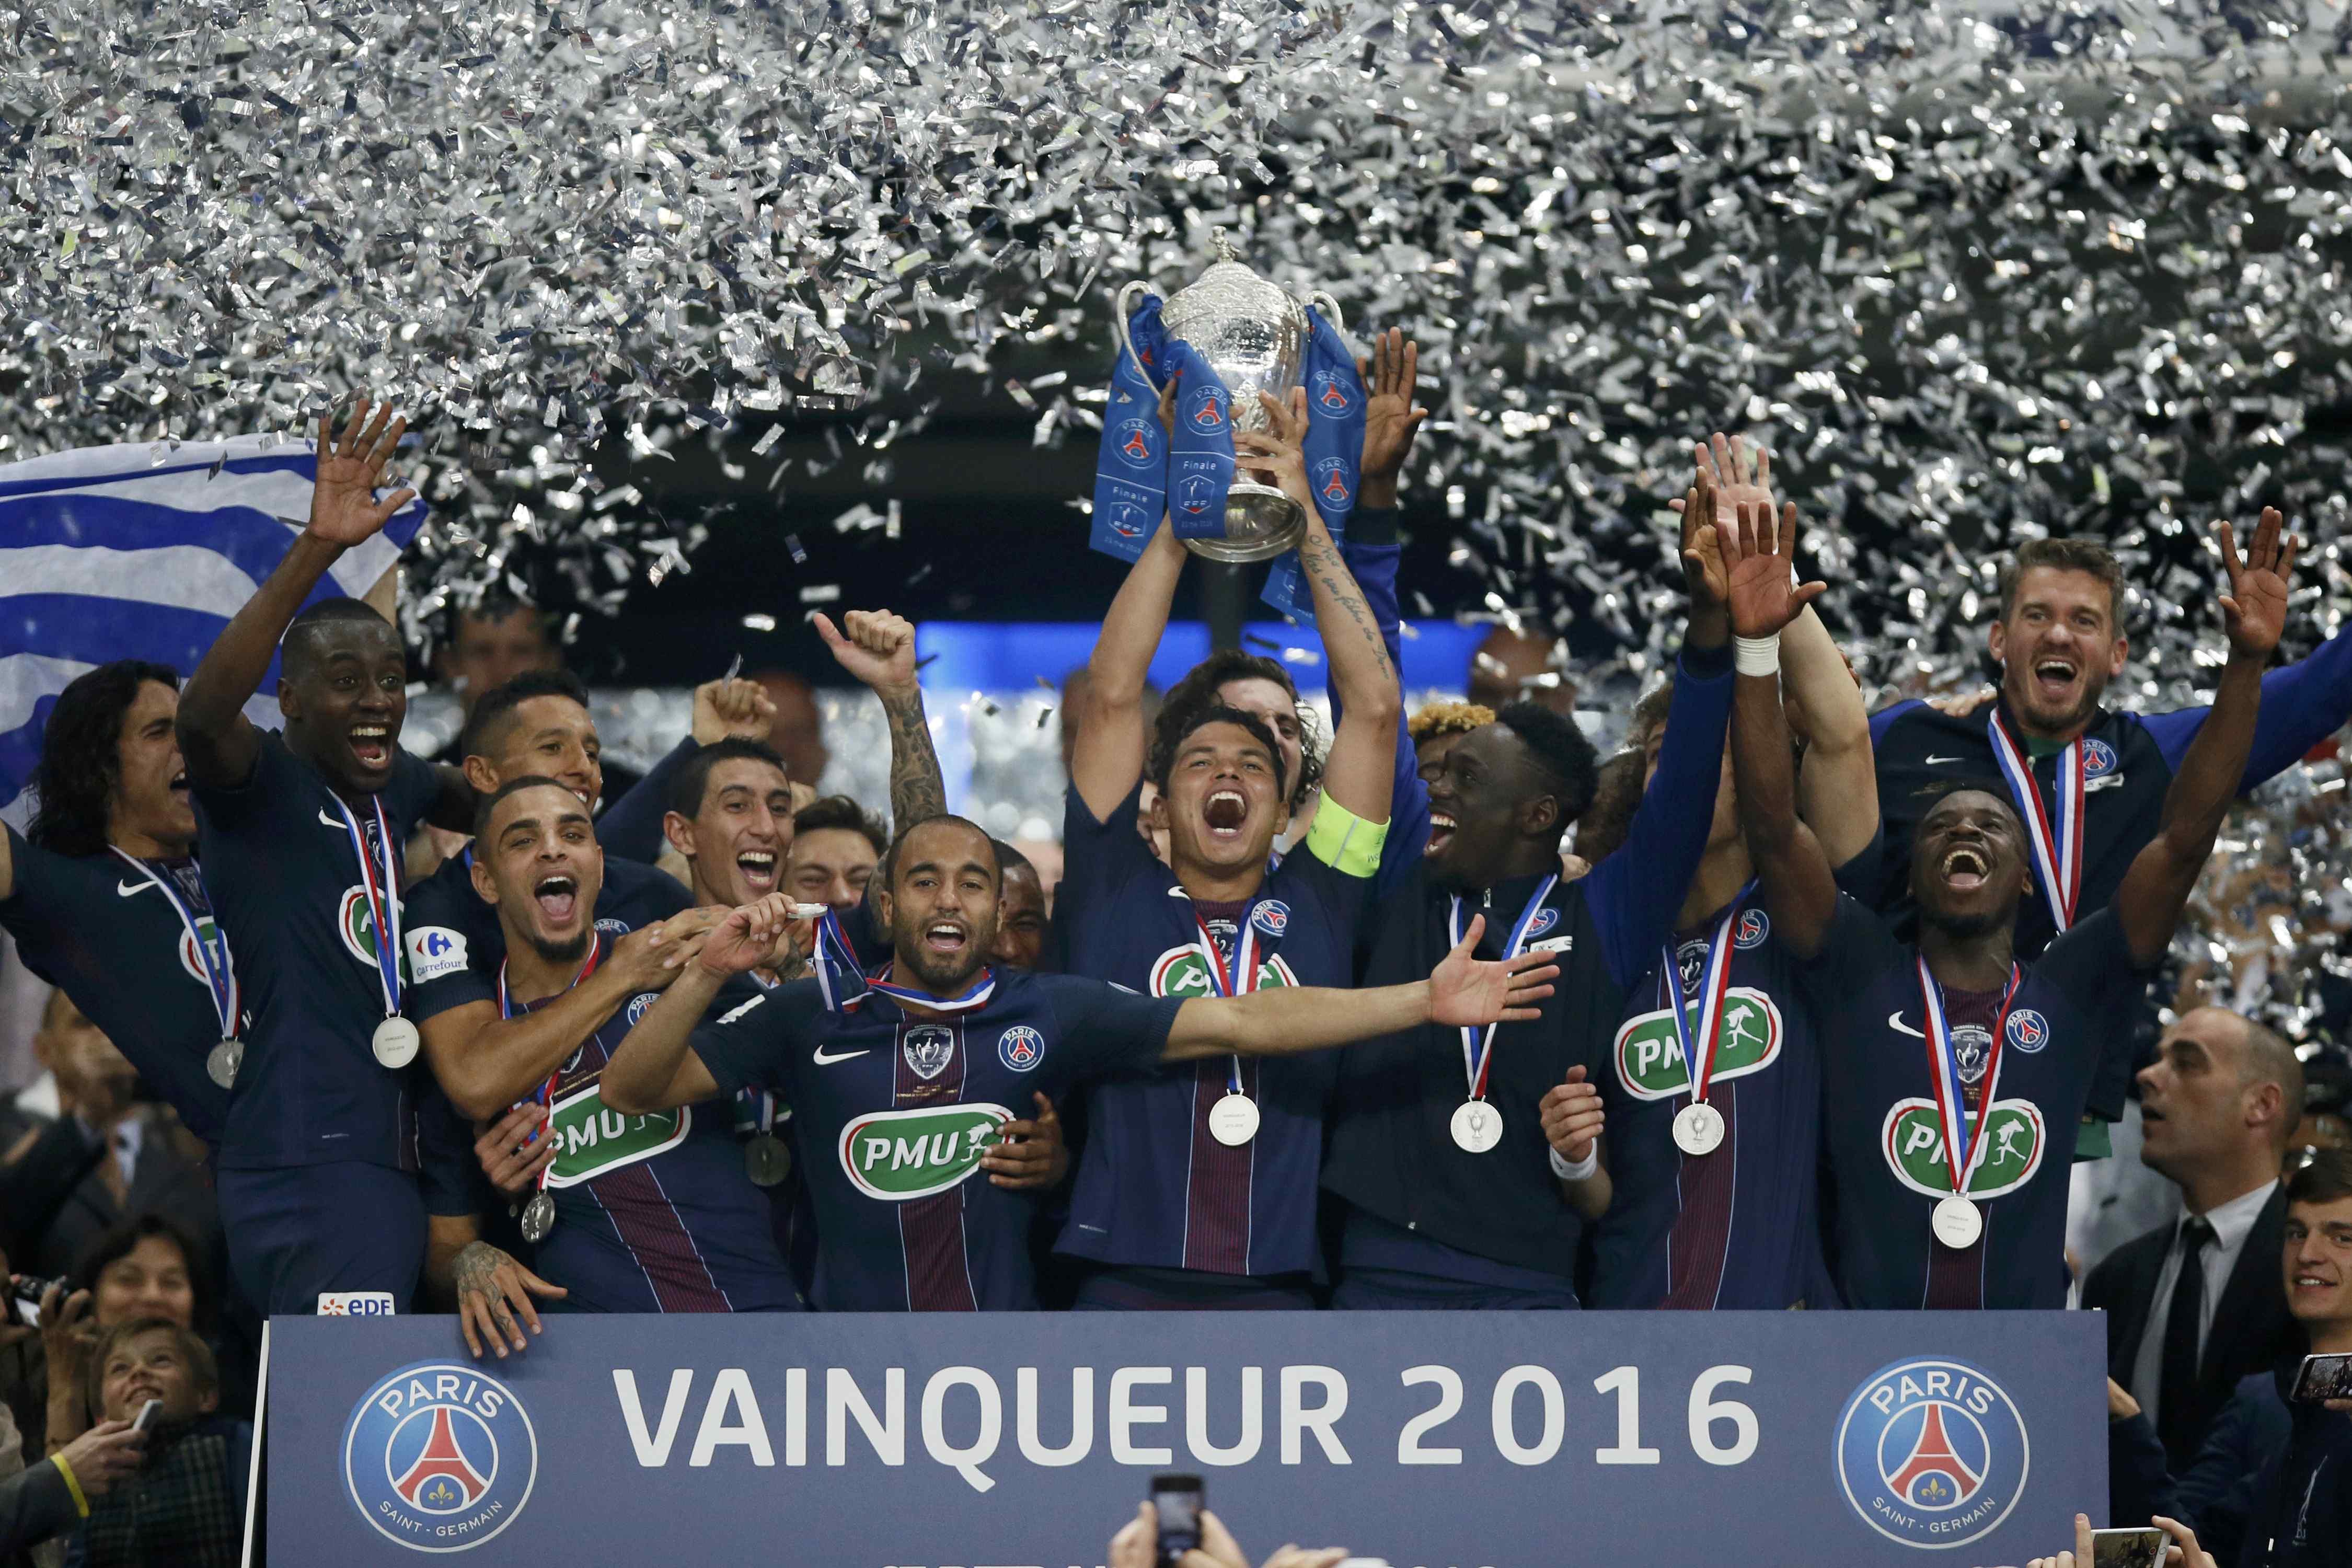 Une 10e coupe de france pour un psg tout puissant coupe de france football - Football coupe de france ...